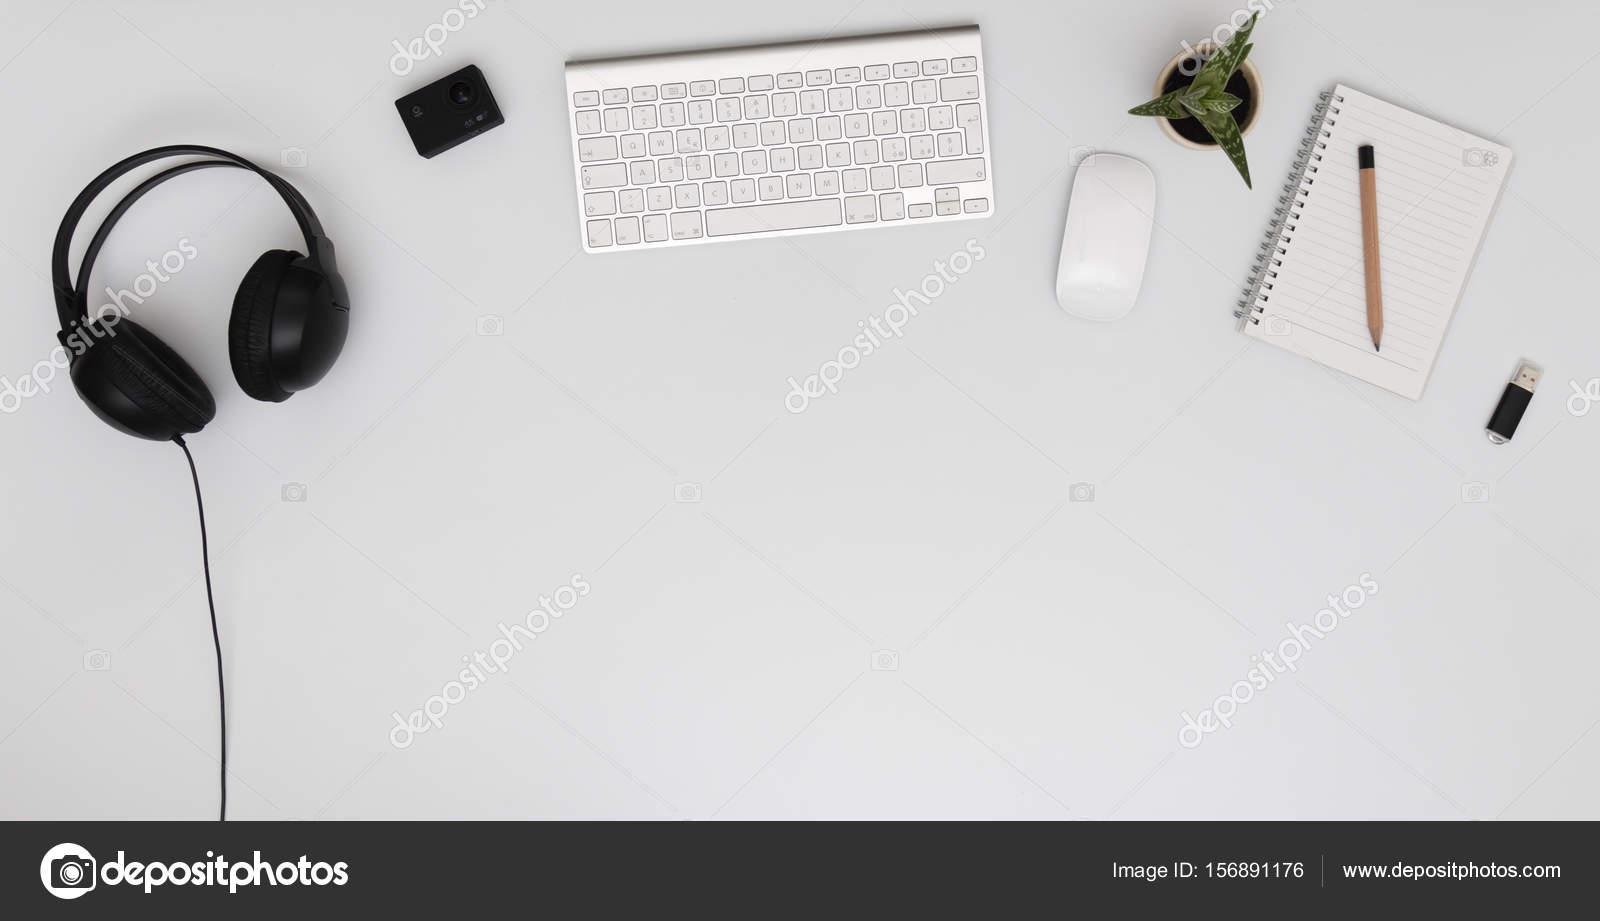 Ufficio K : Ufficio moderno desktop con tastiera mouse fotocamera azione k